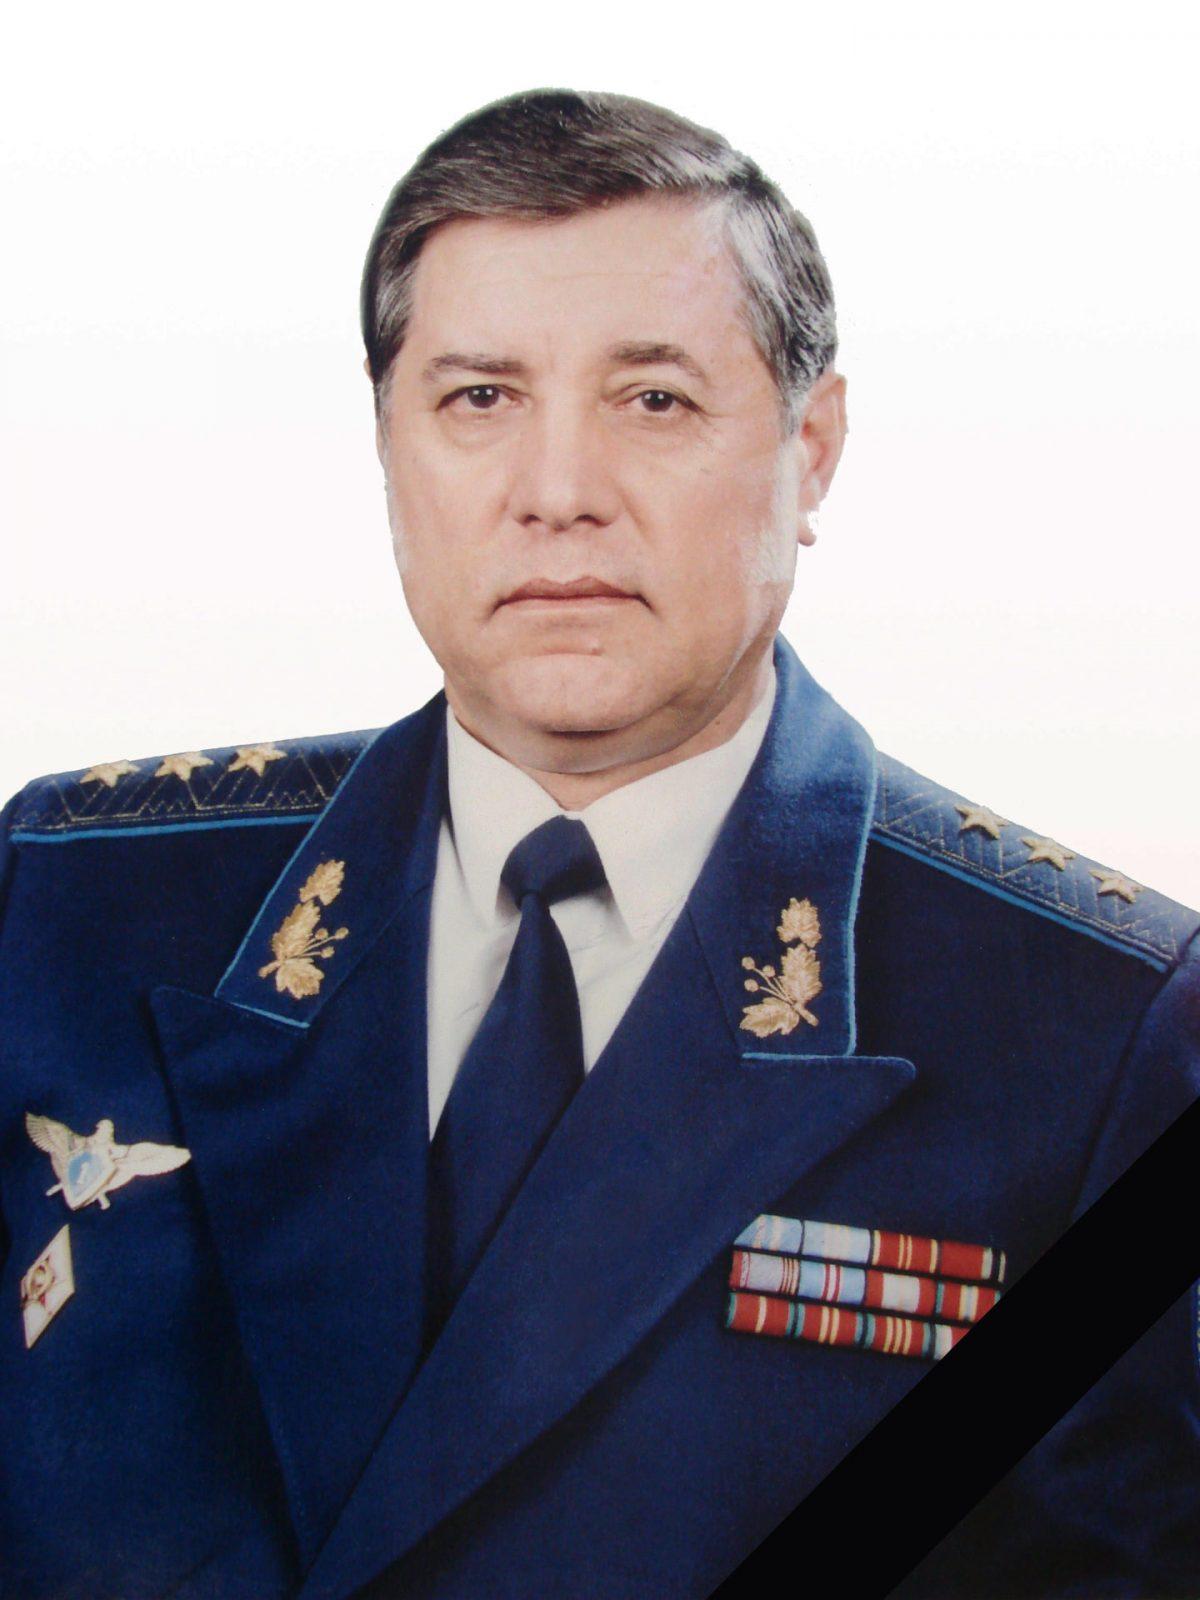 Пішов із життя один із фундаторів Повітряних Сил України – Володимир Антонець